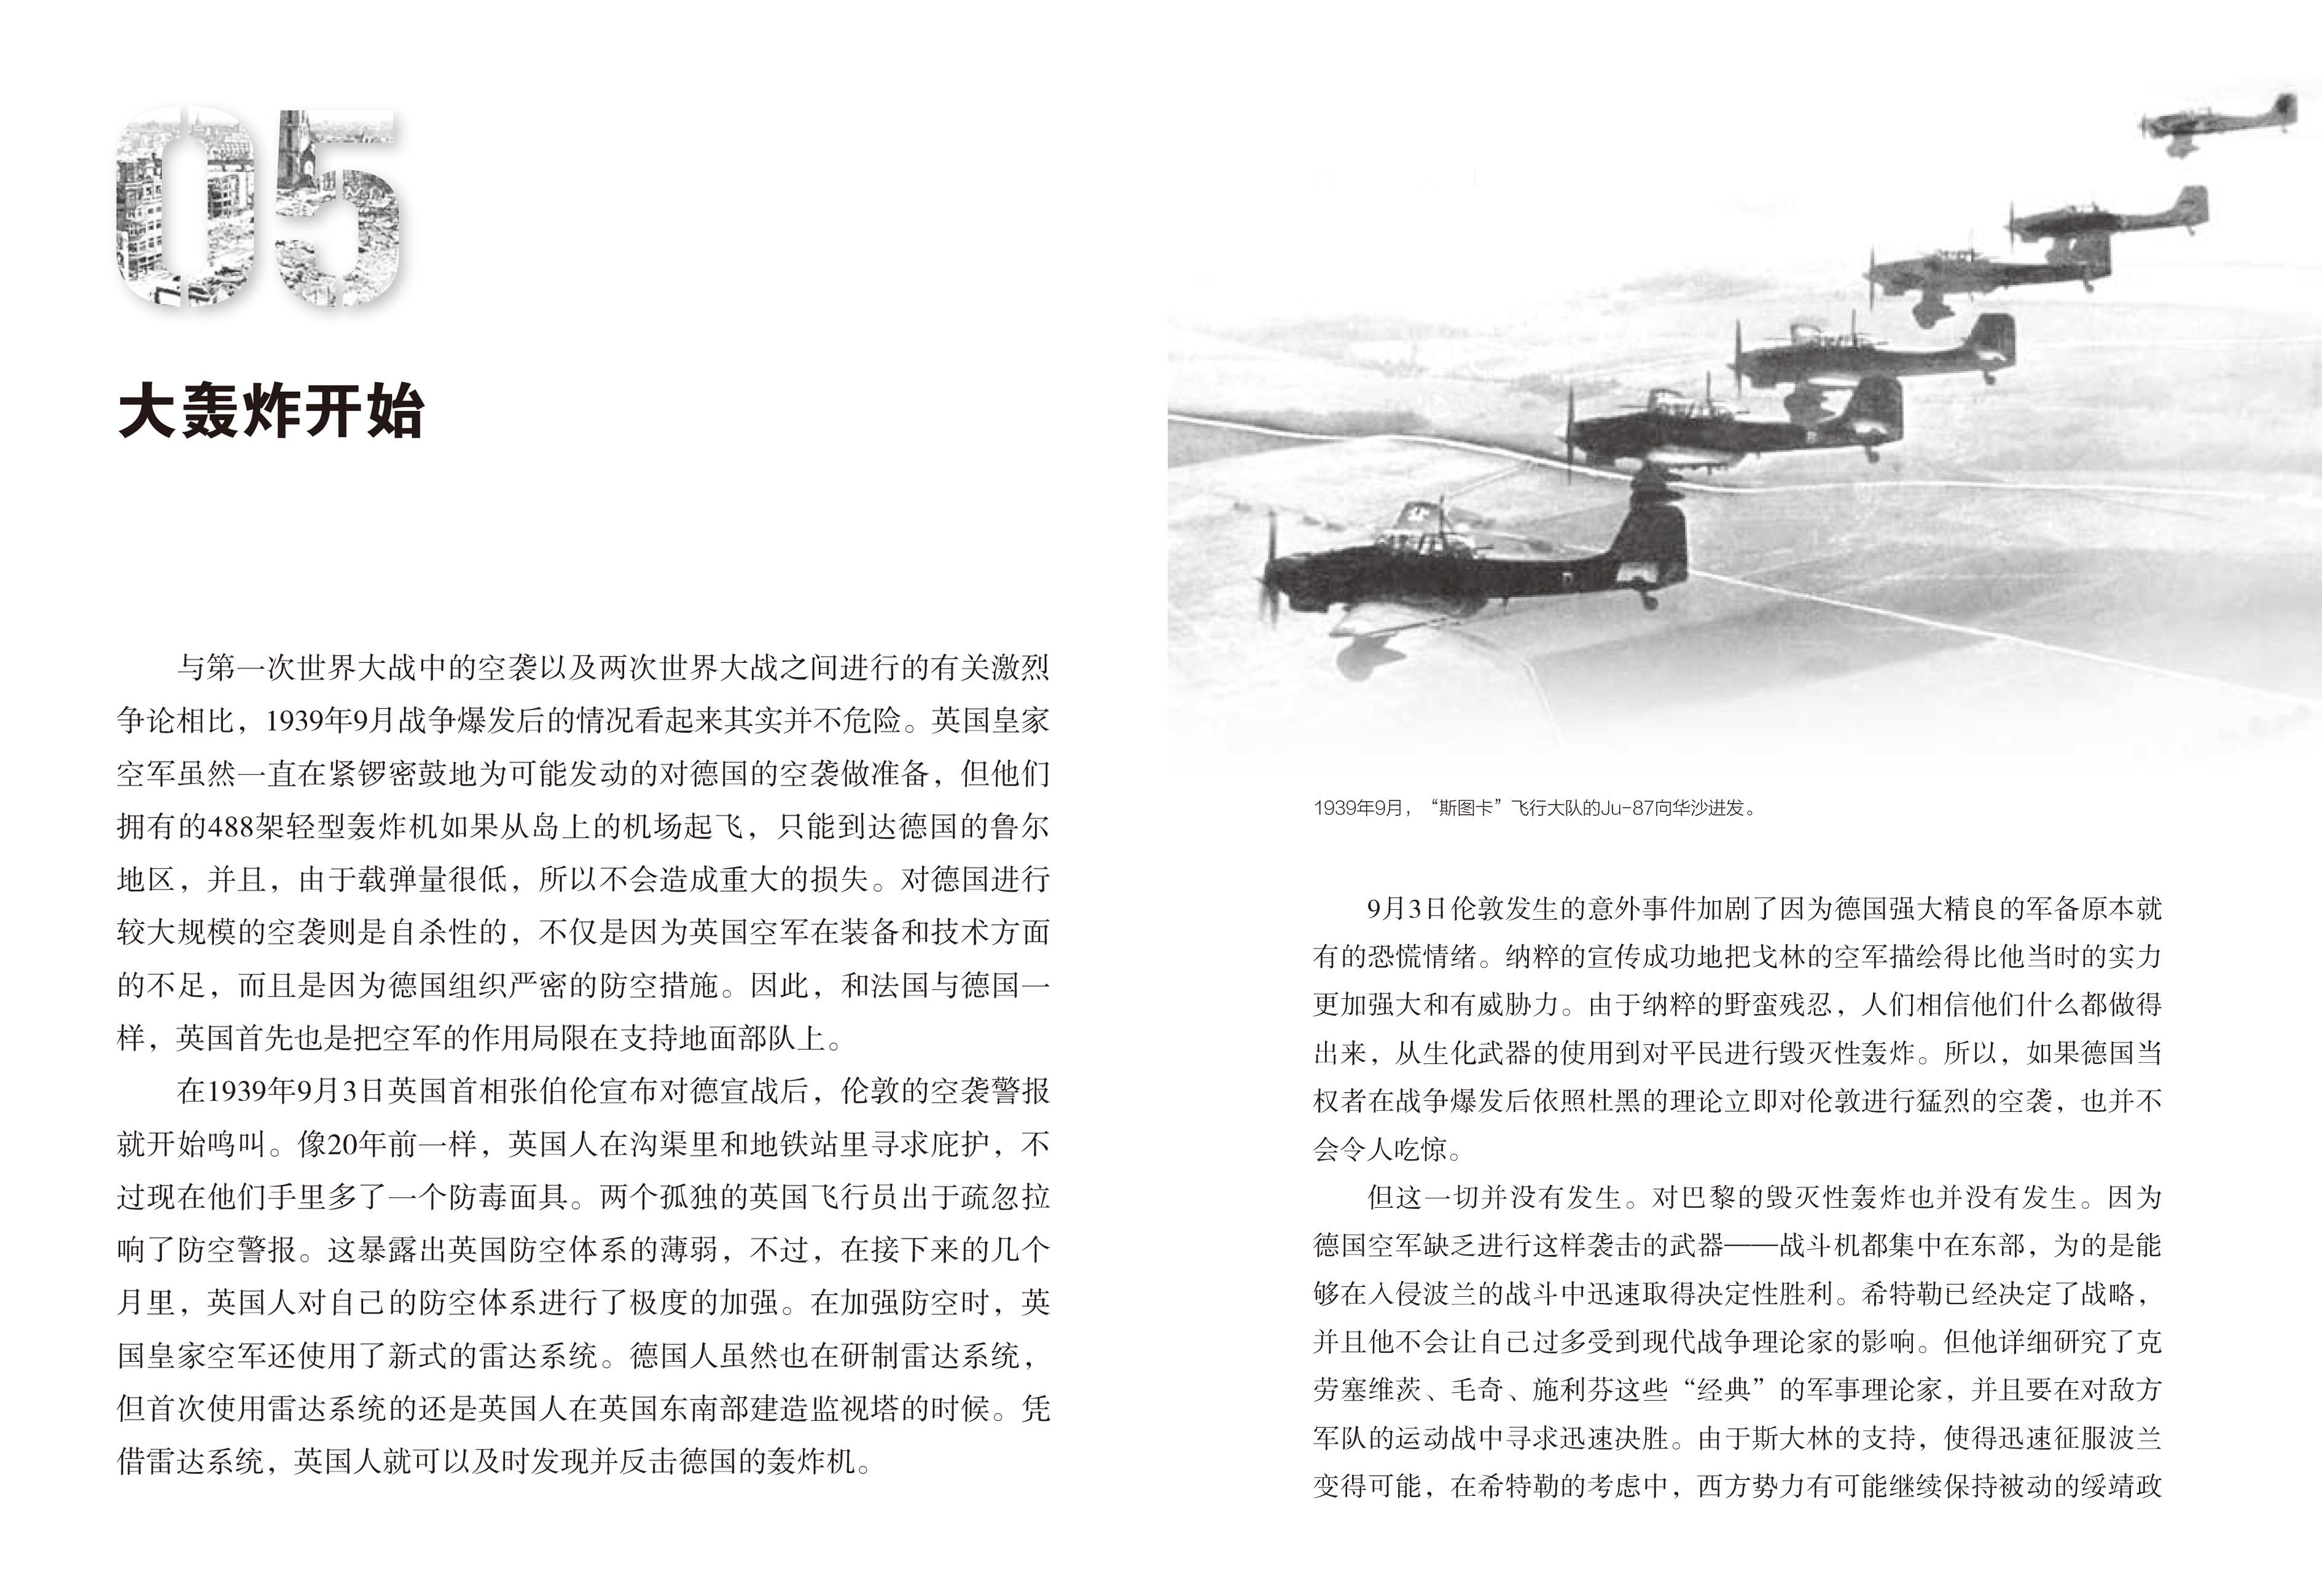 轰炸纳粹德国160-220 内文 8-28-62.jpg